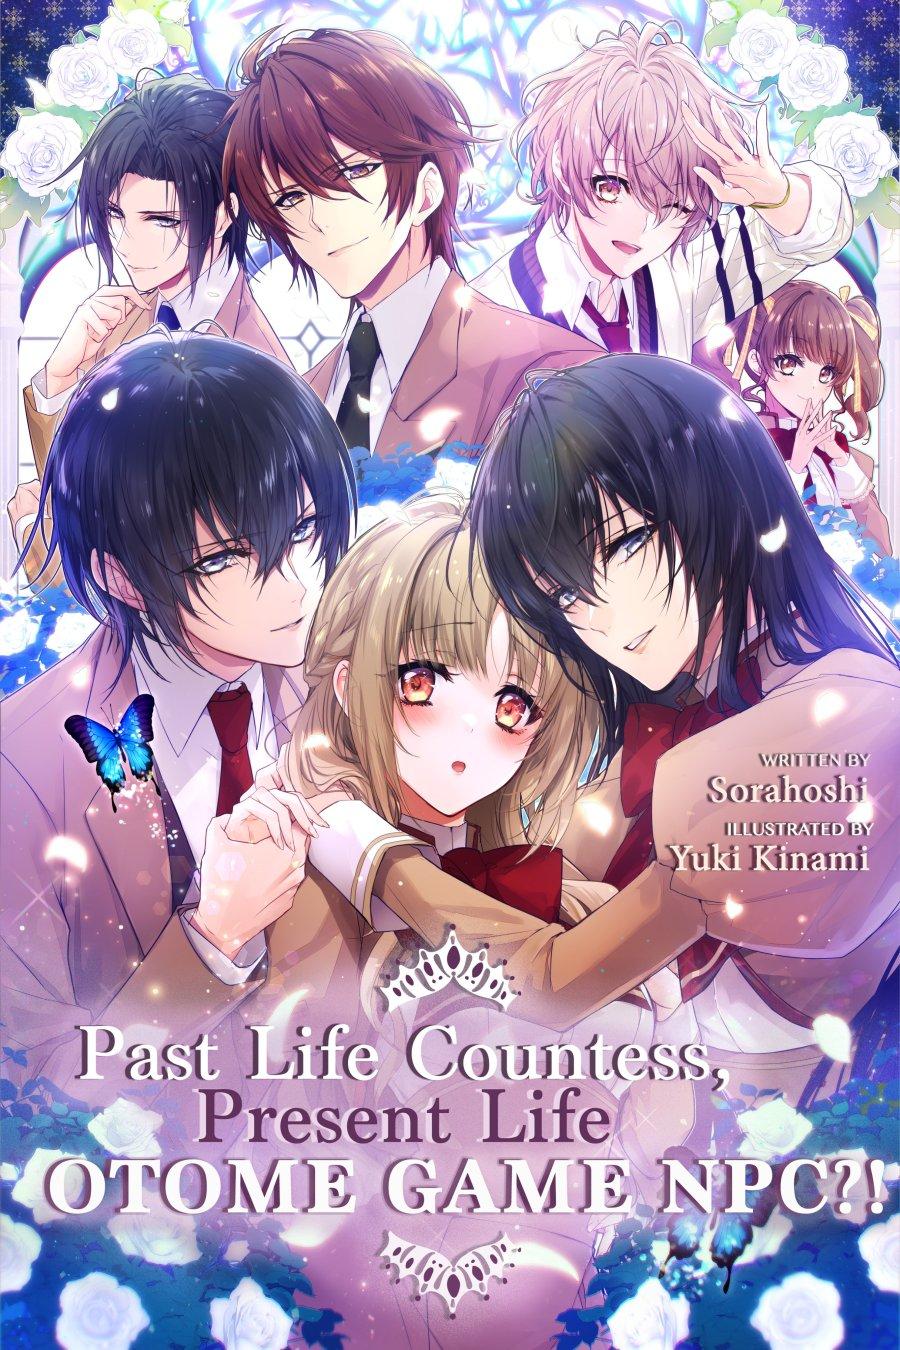 Past Life Countess, Present Life Otome Game NPC?! Cover